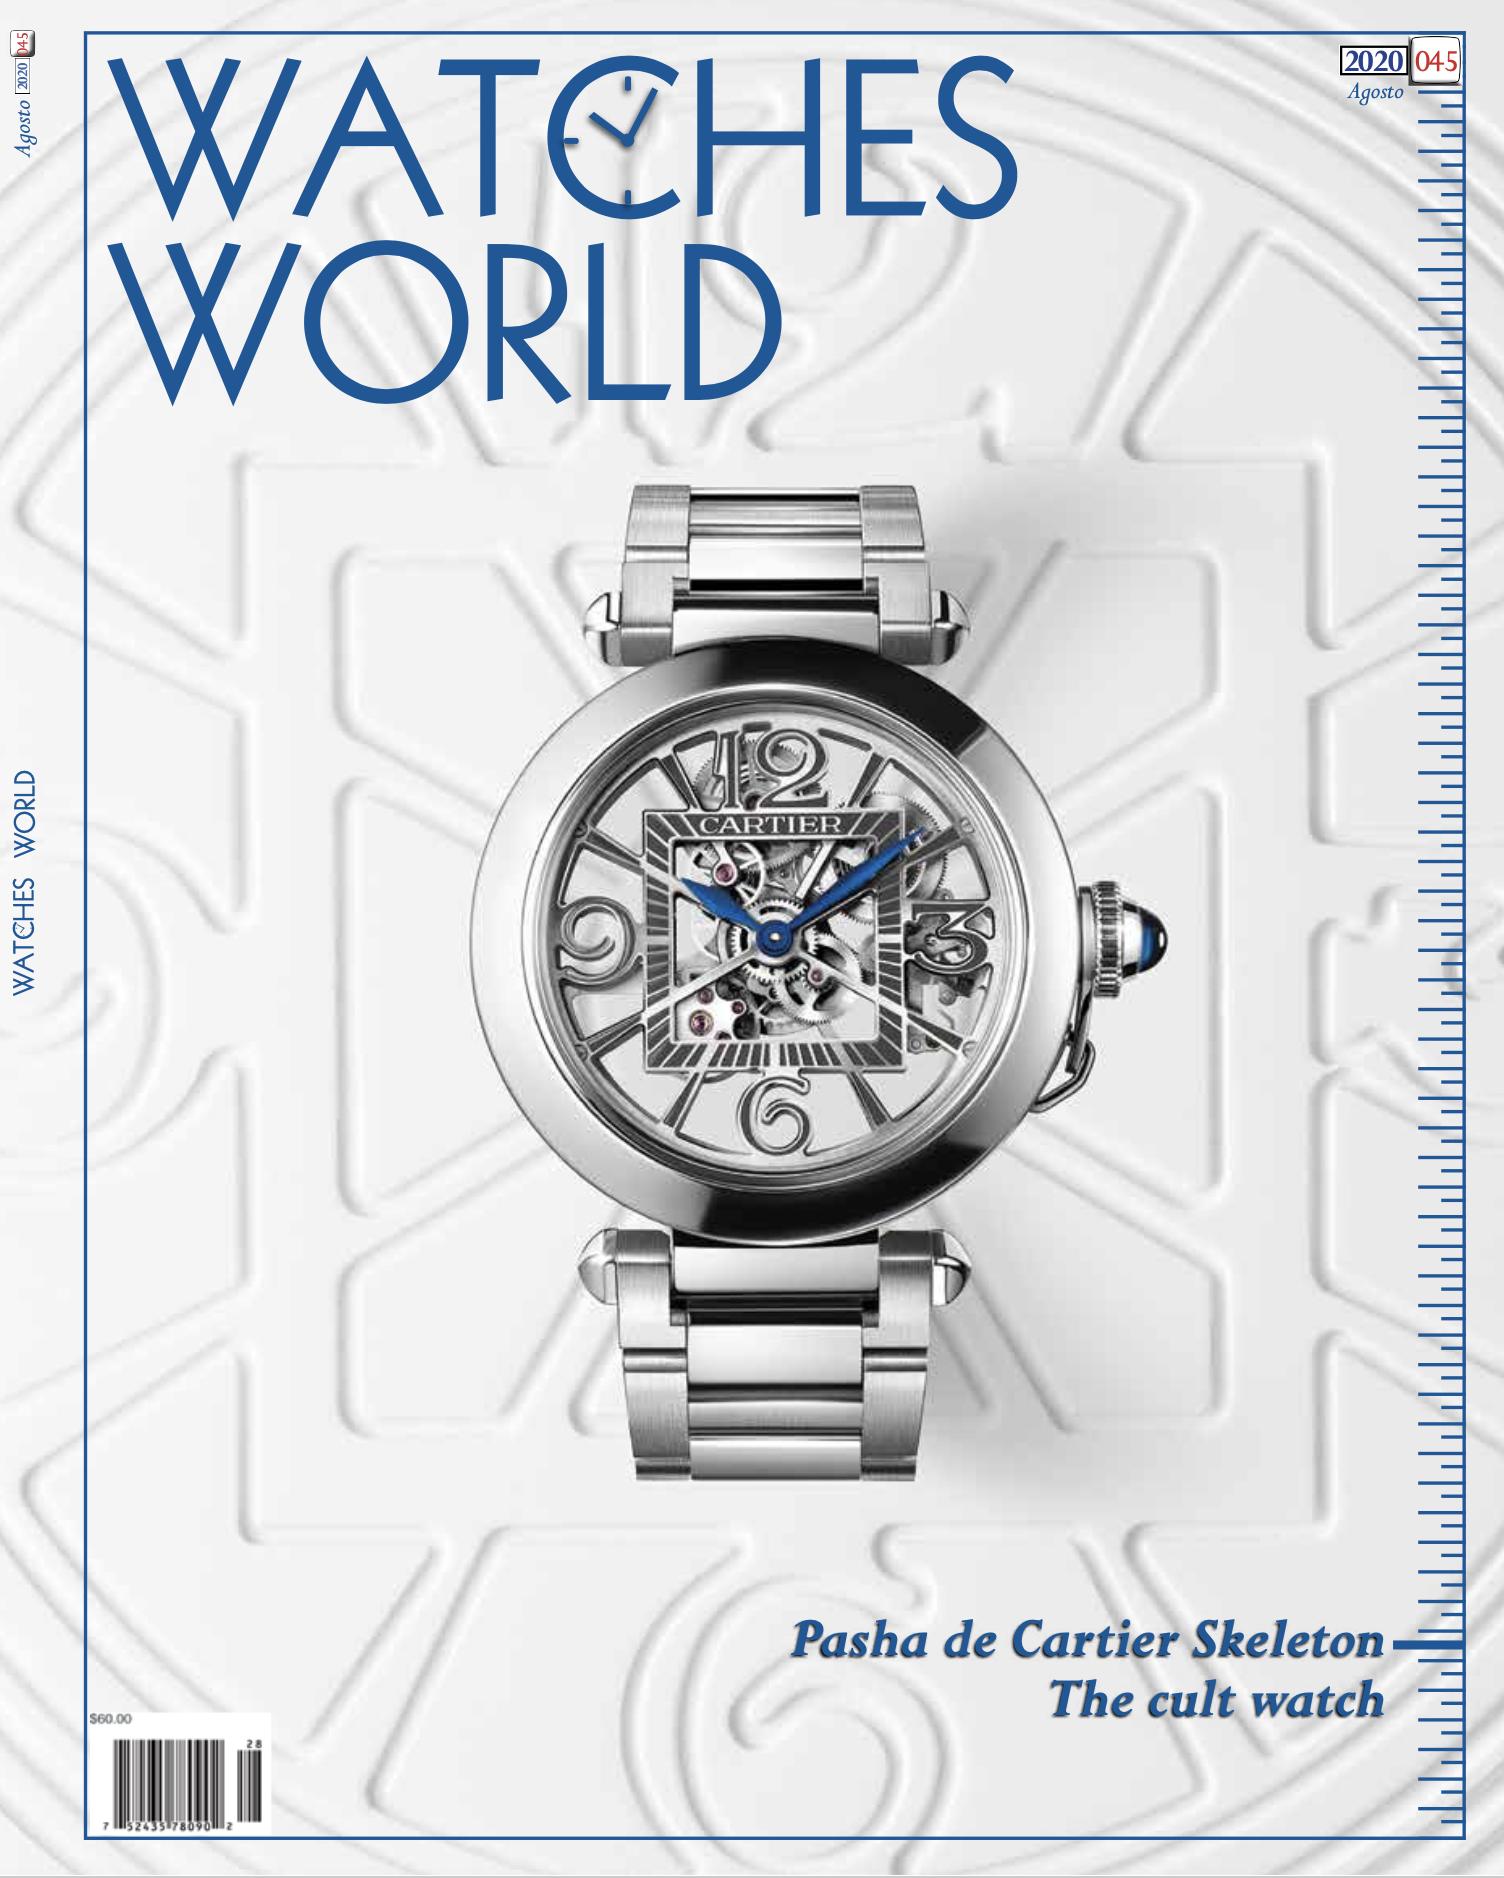 Watches World 45 Agosto Verano 2020